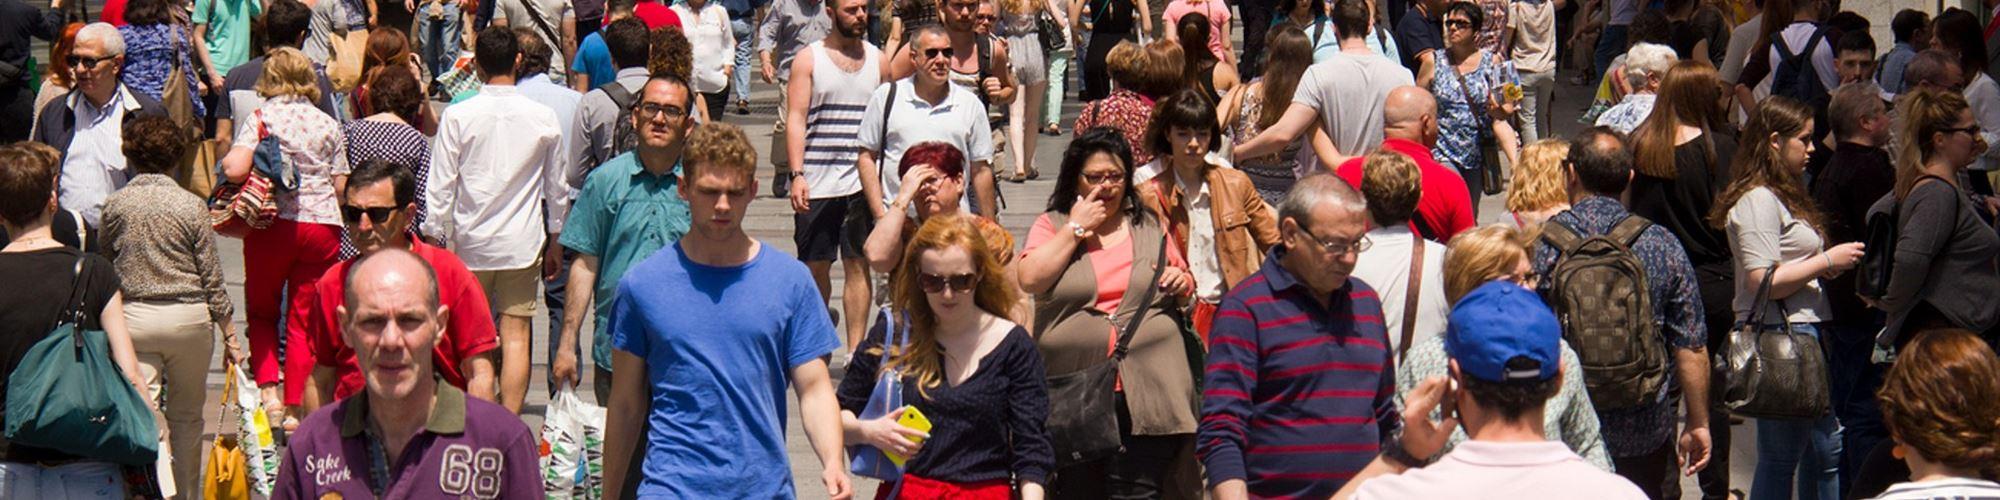 Sem máscaras obrigatórias na rua, quais são as regras em vigor?